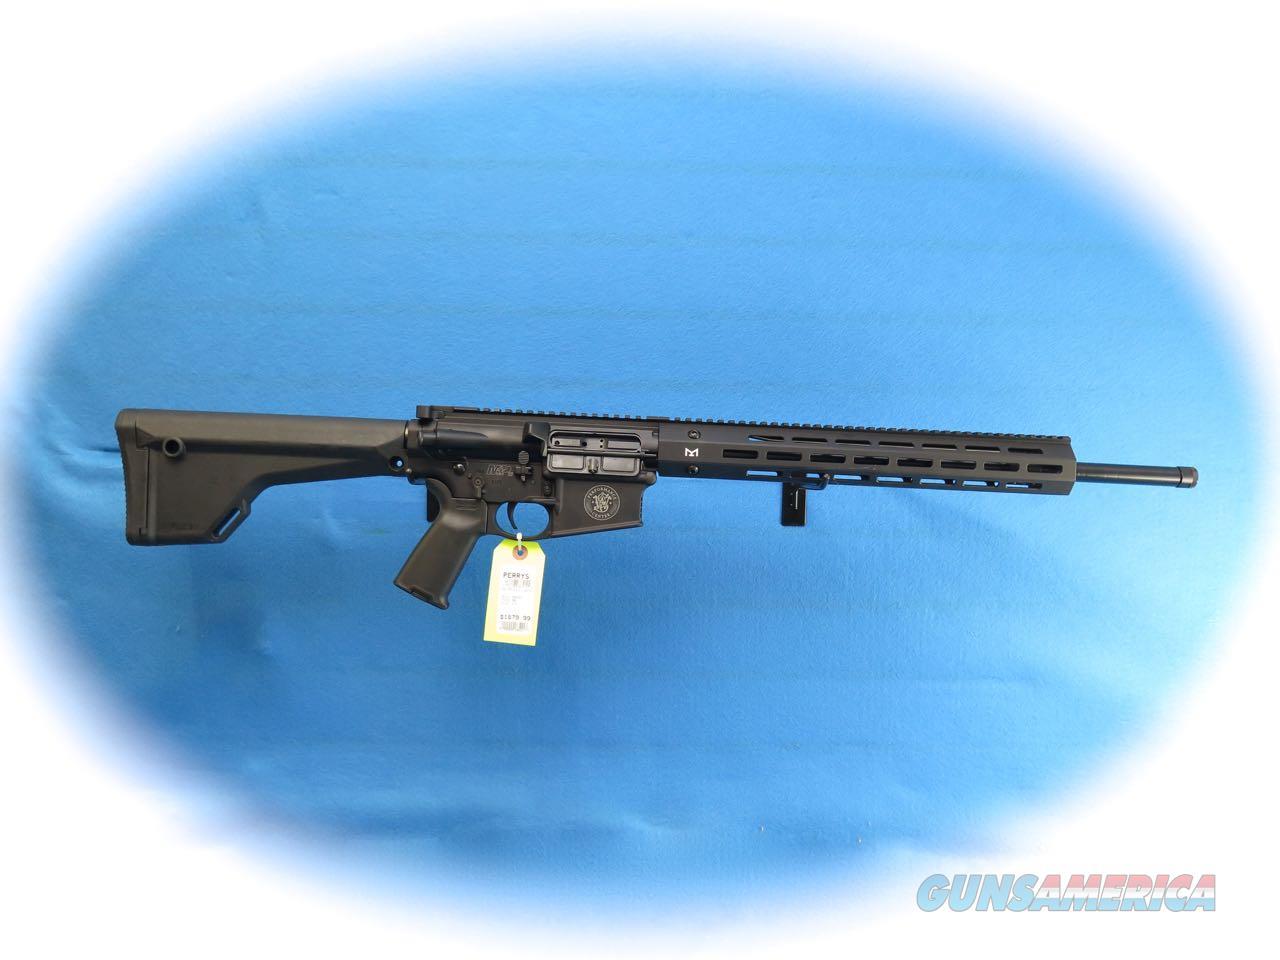 Smith & Wesson M&P10 6.5 Creedmoor PC Semi Auto Rifle SKU 10057 **New**  Guns > Rifles > Smith & Wesson Rifles > M&P